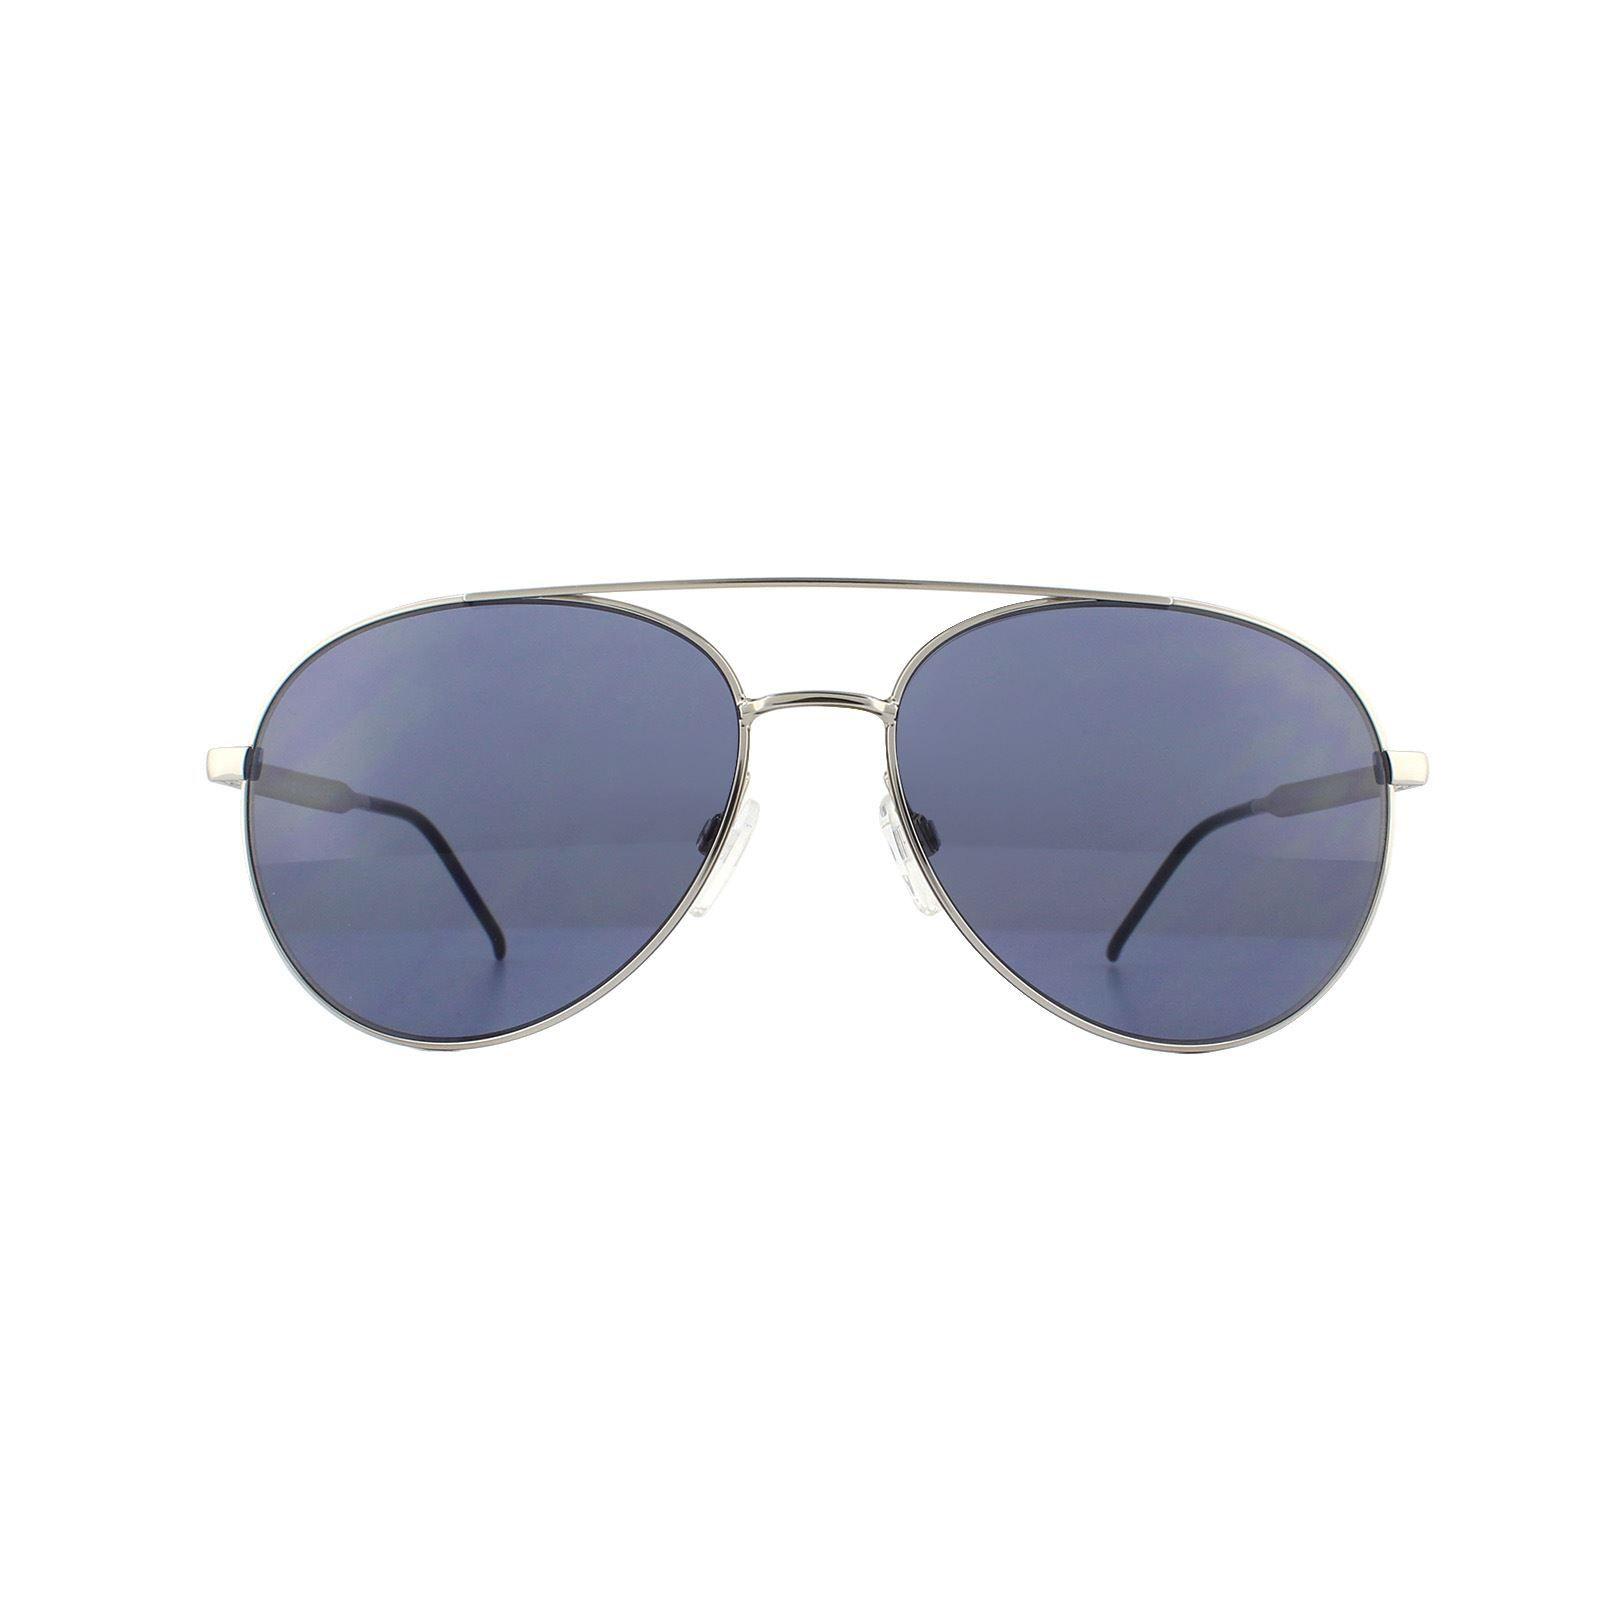 Carrera Sunglasses 1006/S TI7 IR Ruthenium Matt Black Grey